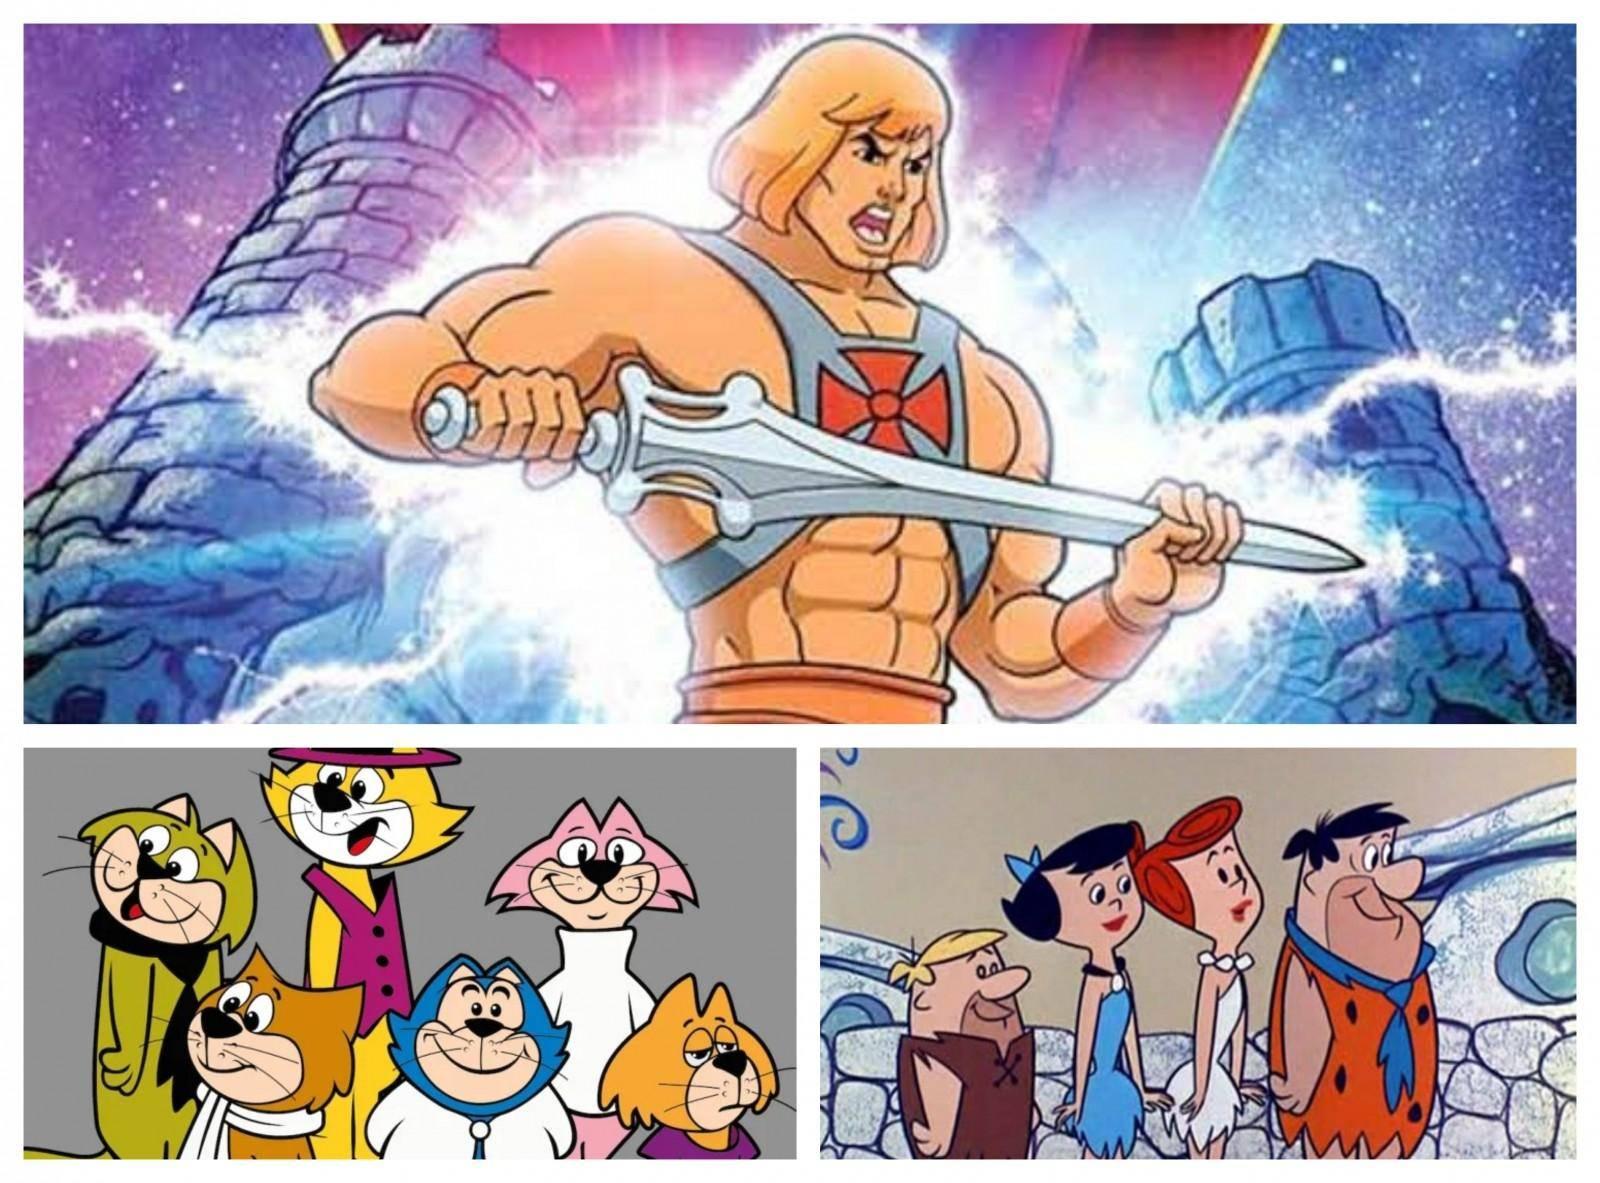 He-Man y Yuri: El crossover de los 80's que nadie recuerda 1